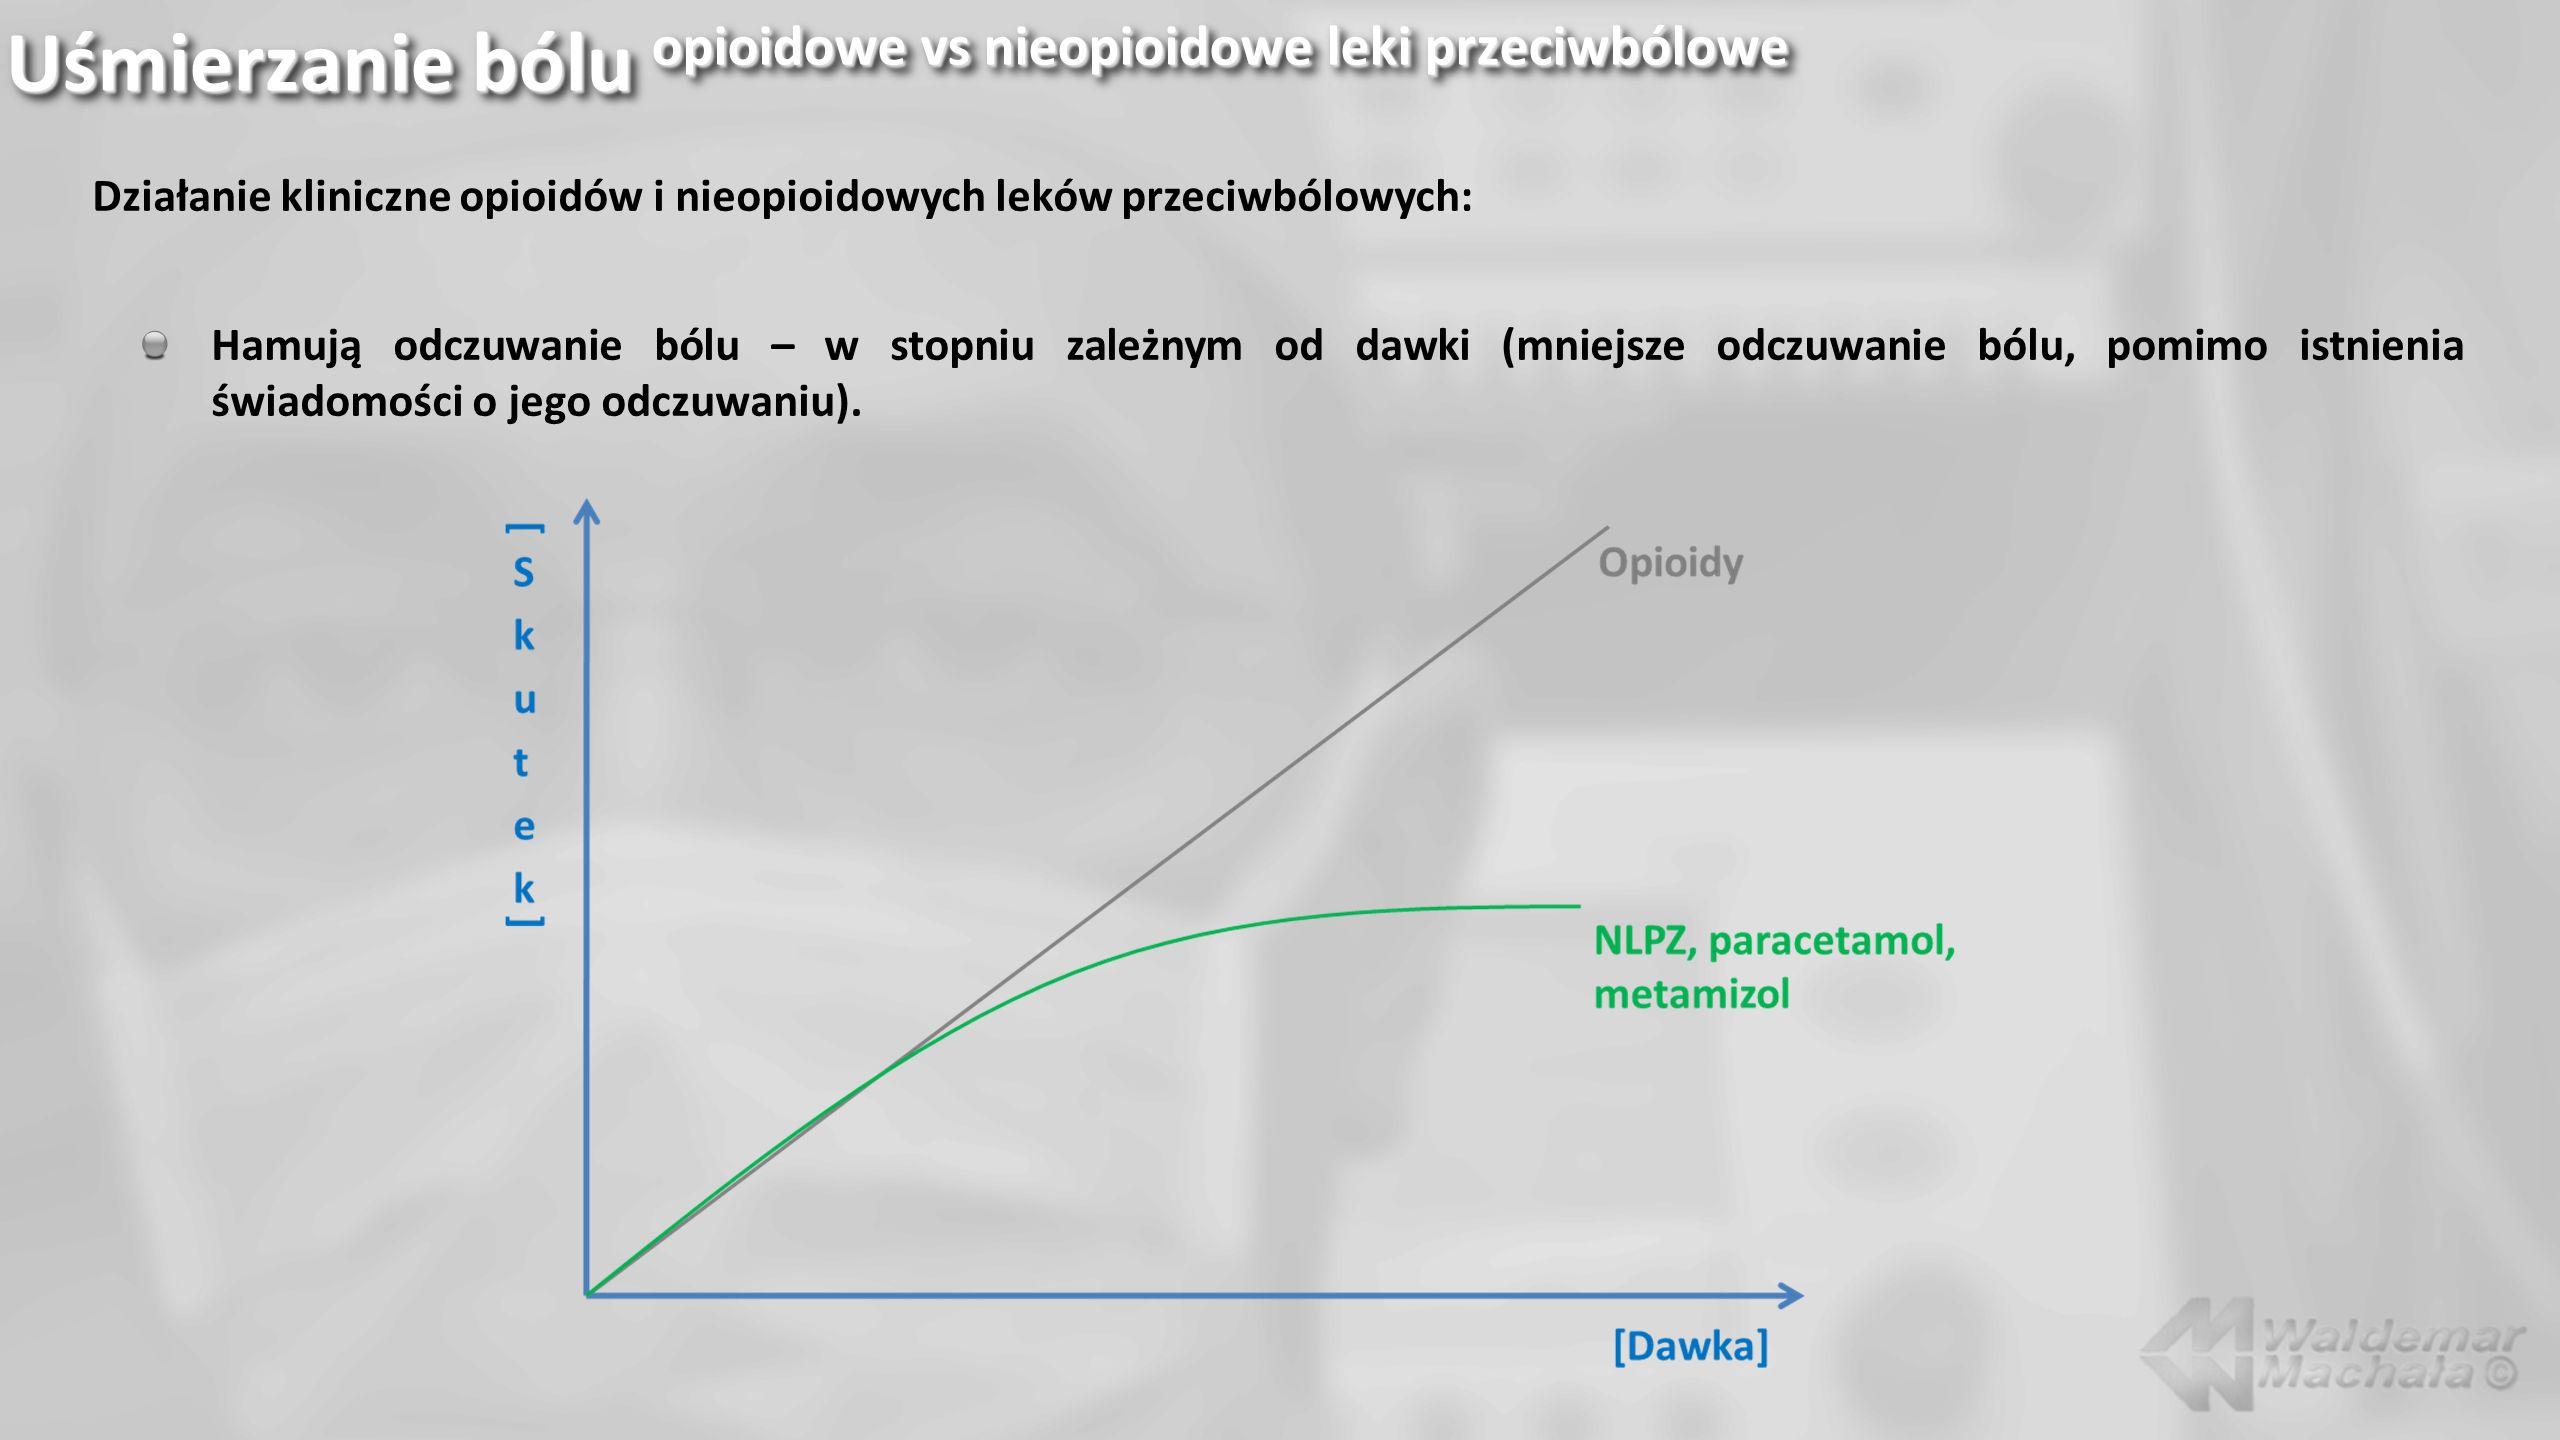 Uśmierzanie bólu opioidowe vs nieopioidowe leki przeciwbólowe